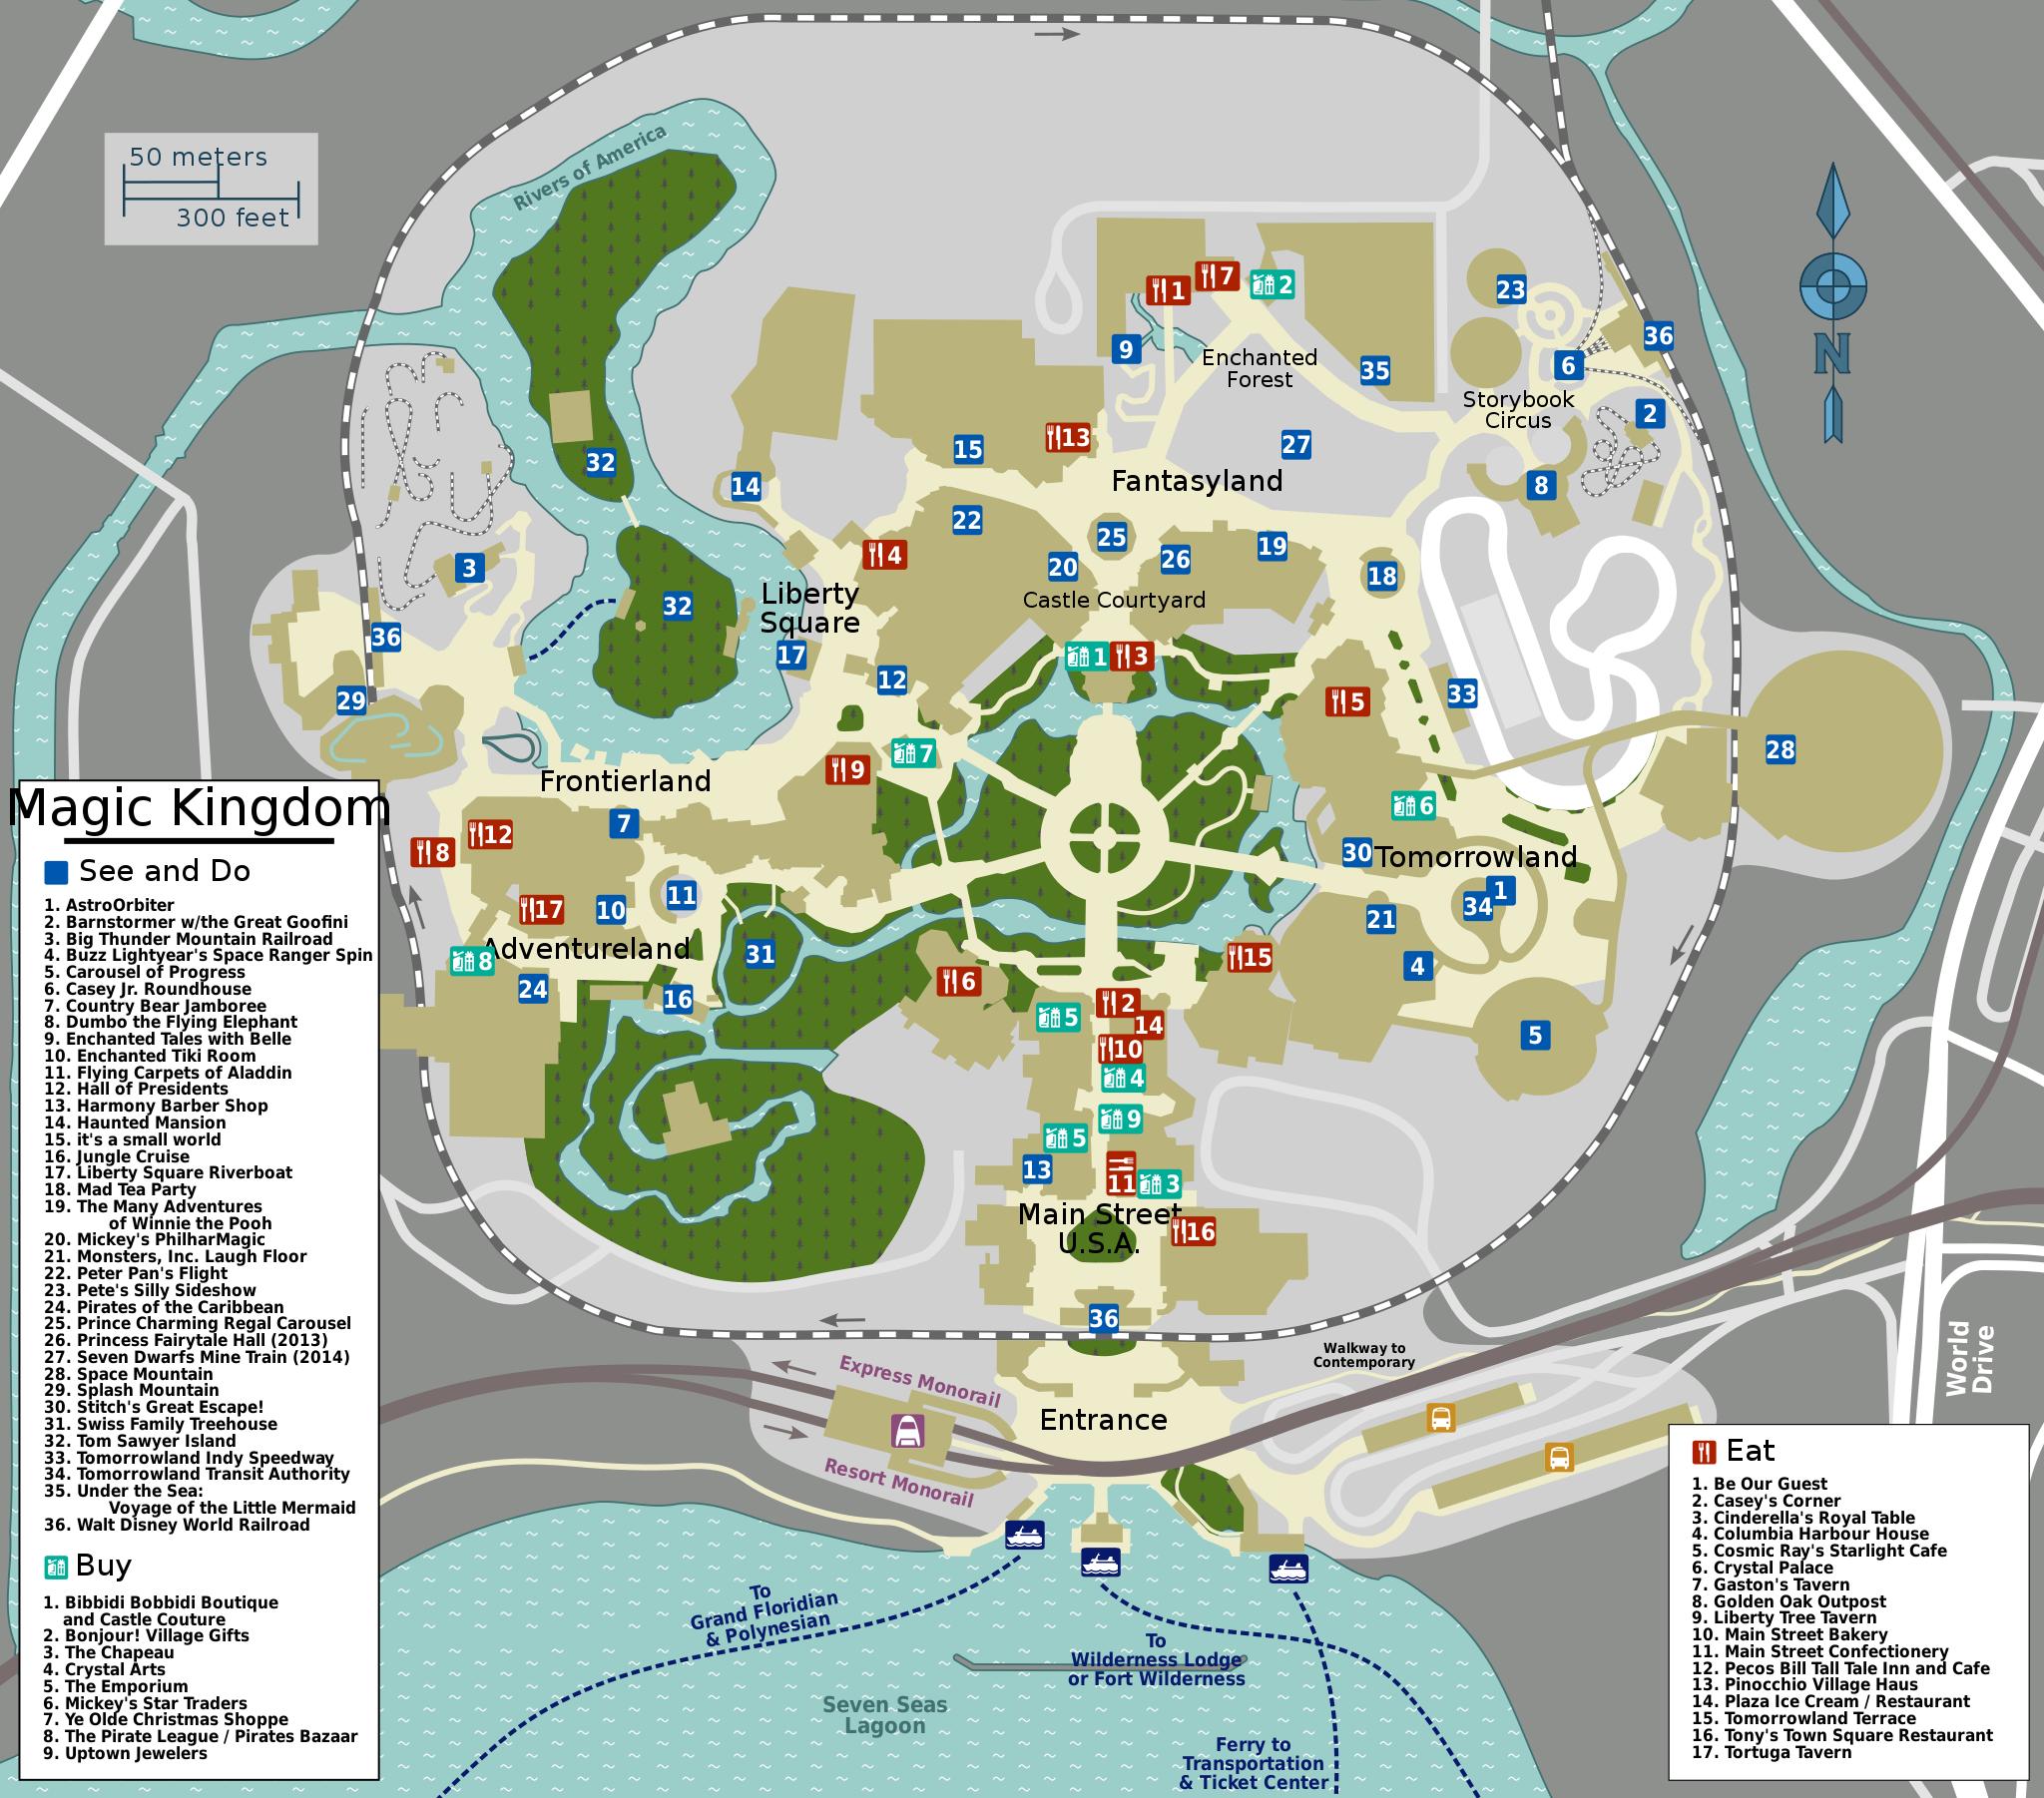 A map of Walt Disney World in Orlando, Florida